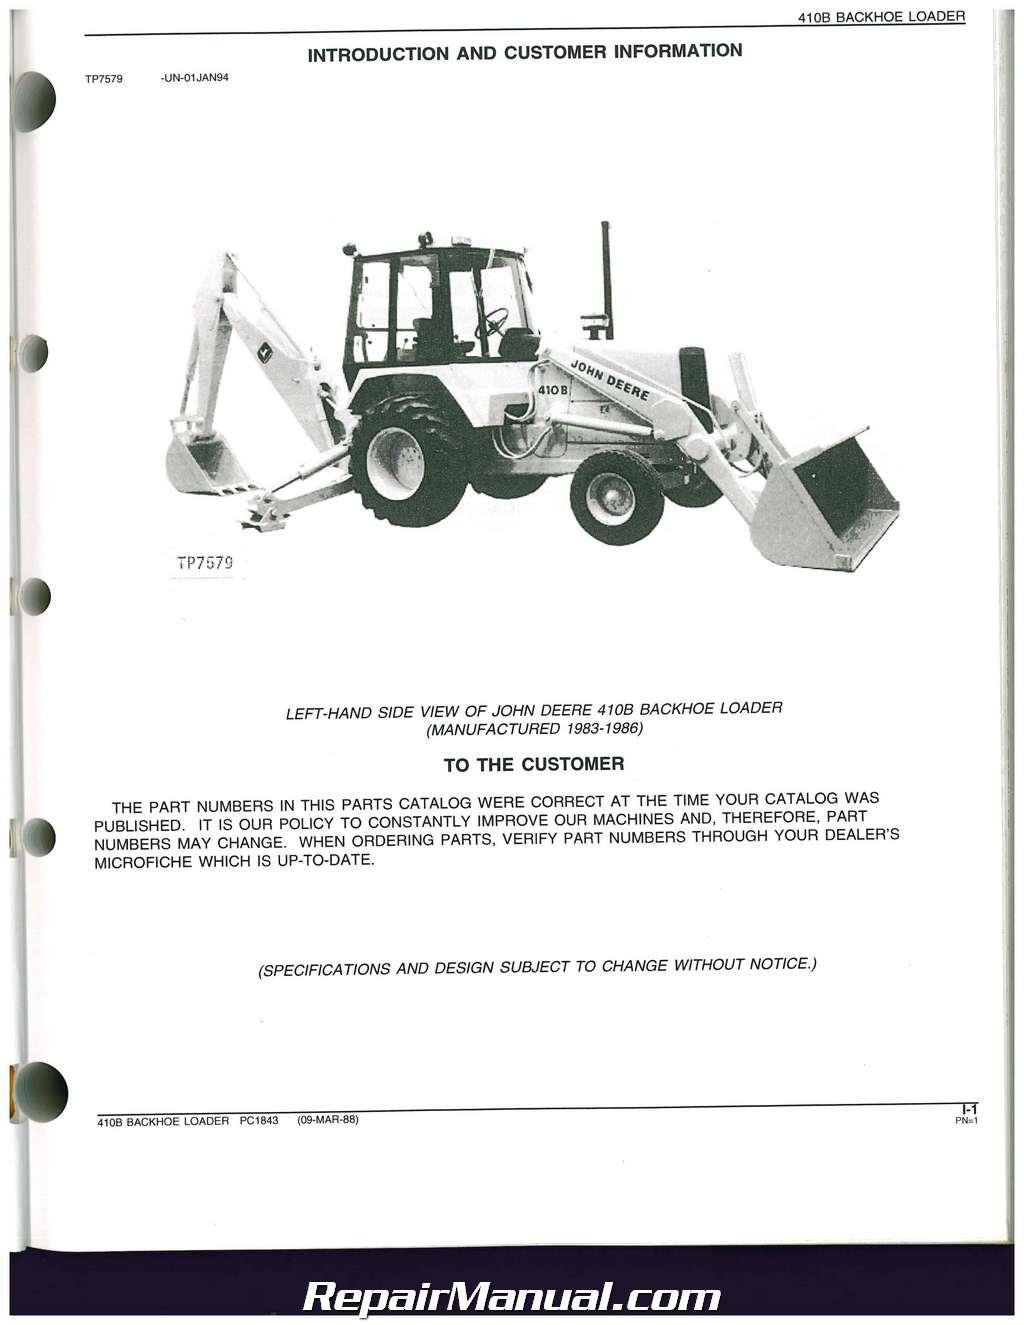 john deere 410 backhoe service manual